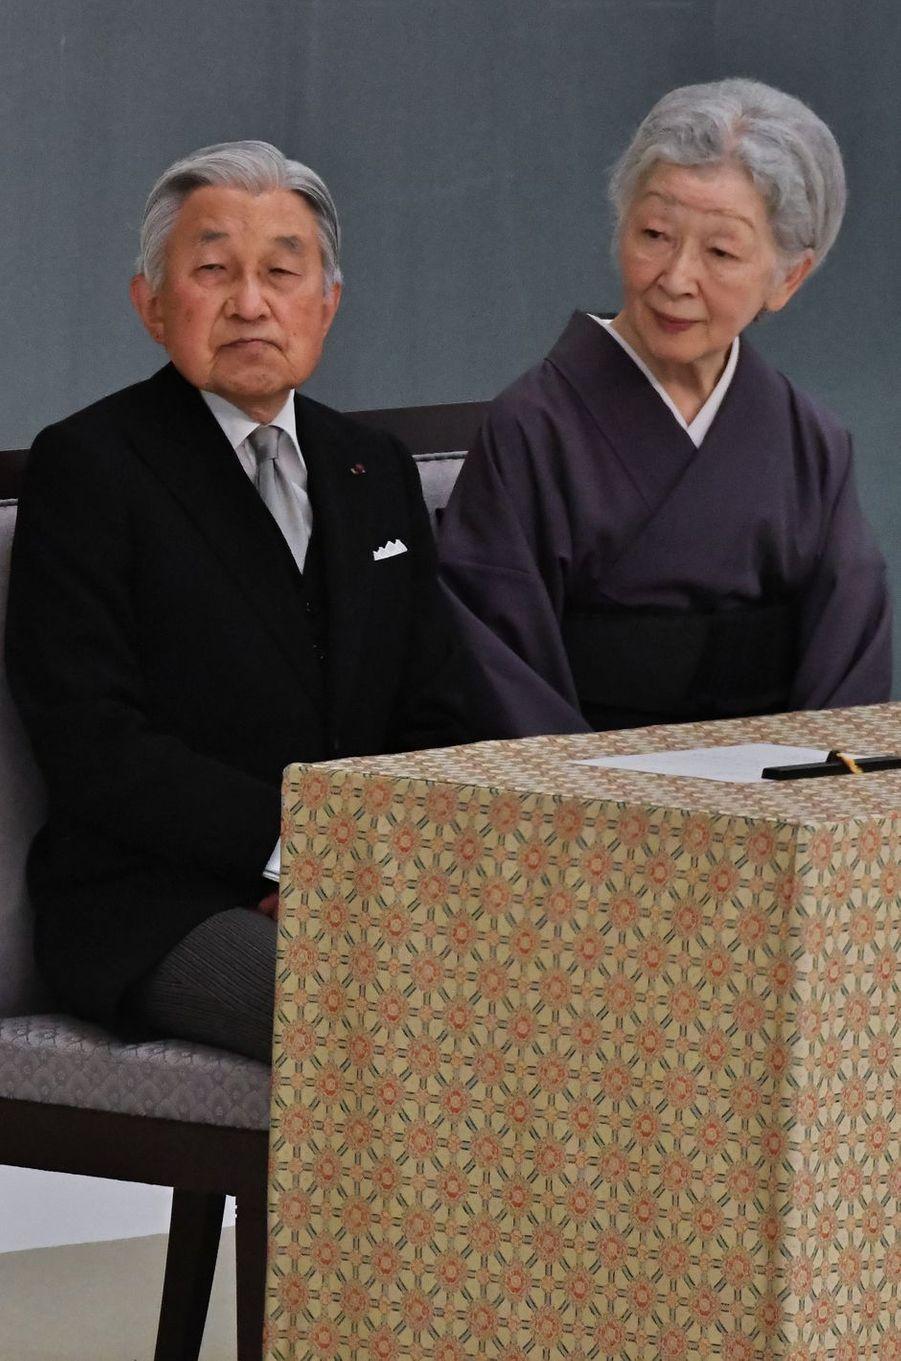 L'empereur Akihito du Japon et son épouse l'impératrice Michiko à Tokyo, le 15 août 2017